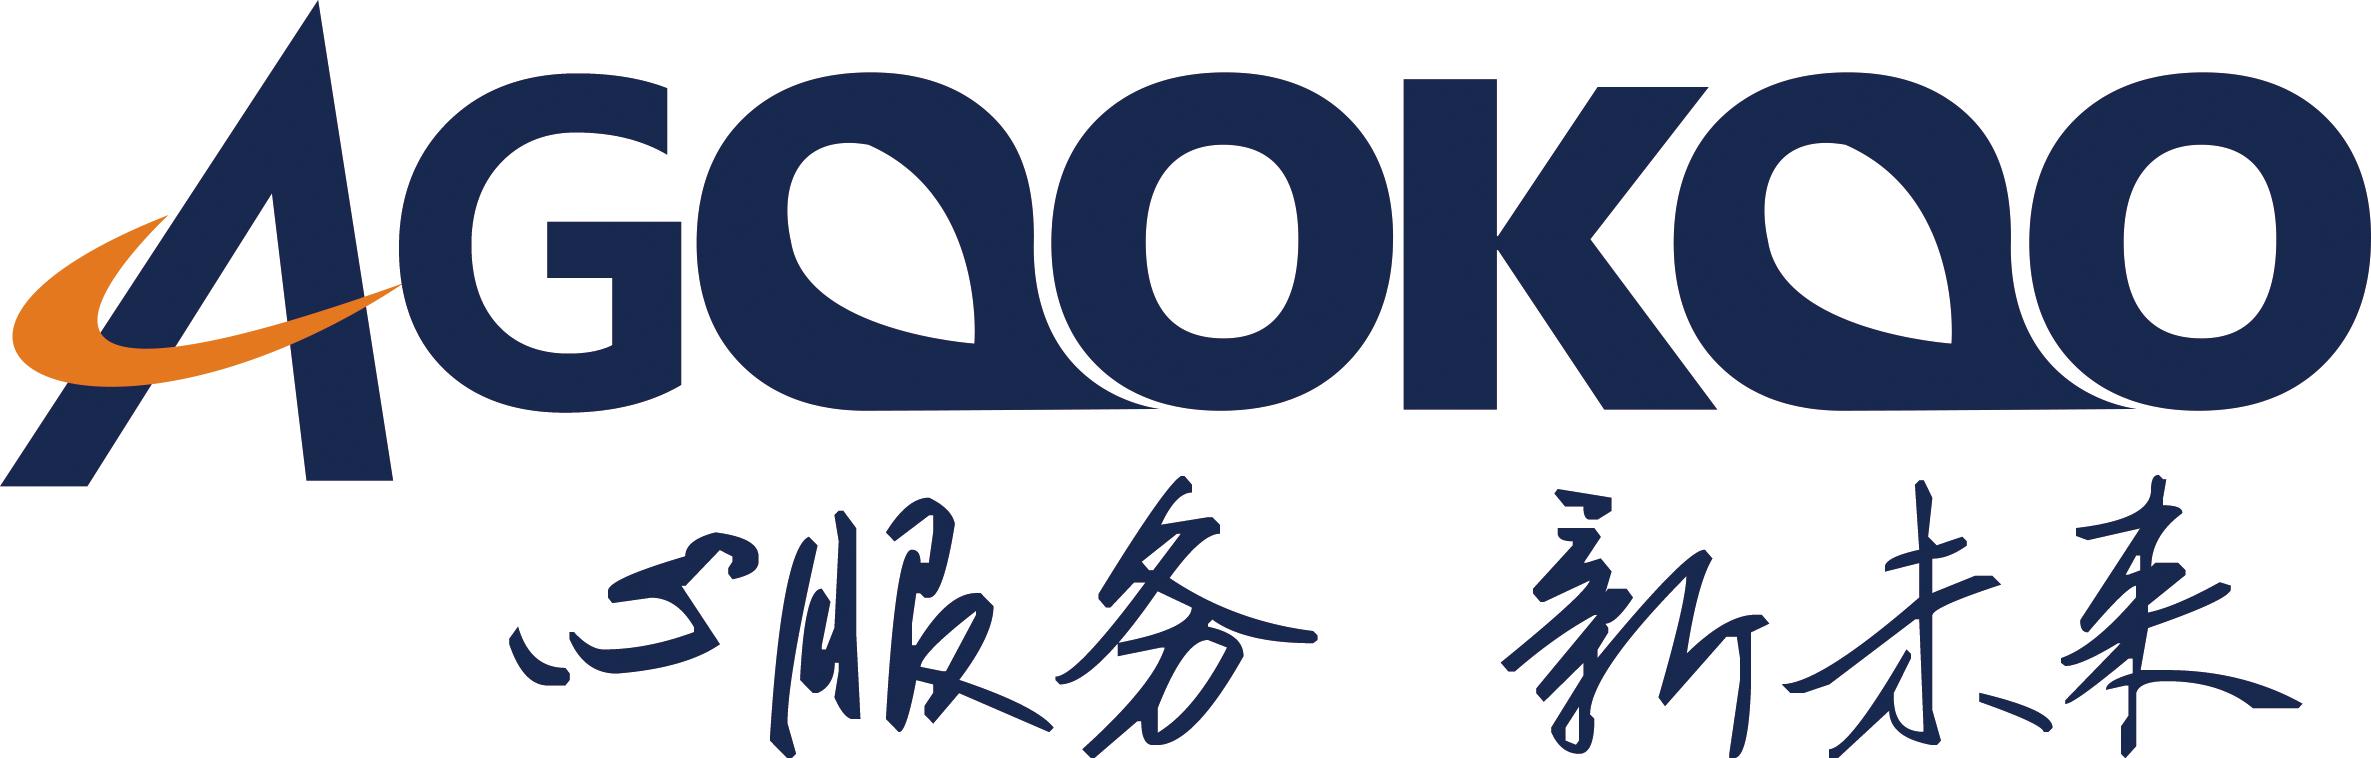 logo logo 标志 设计 矢量 矢量图 素材 图标 2371_758